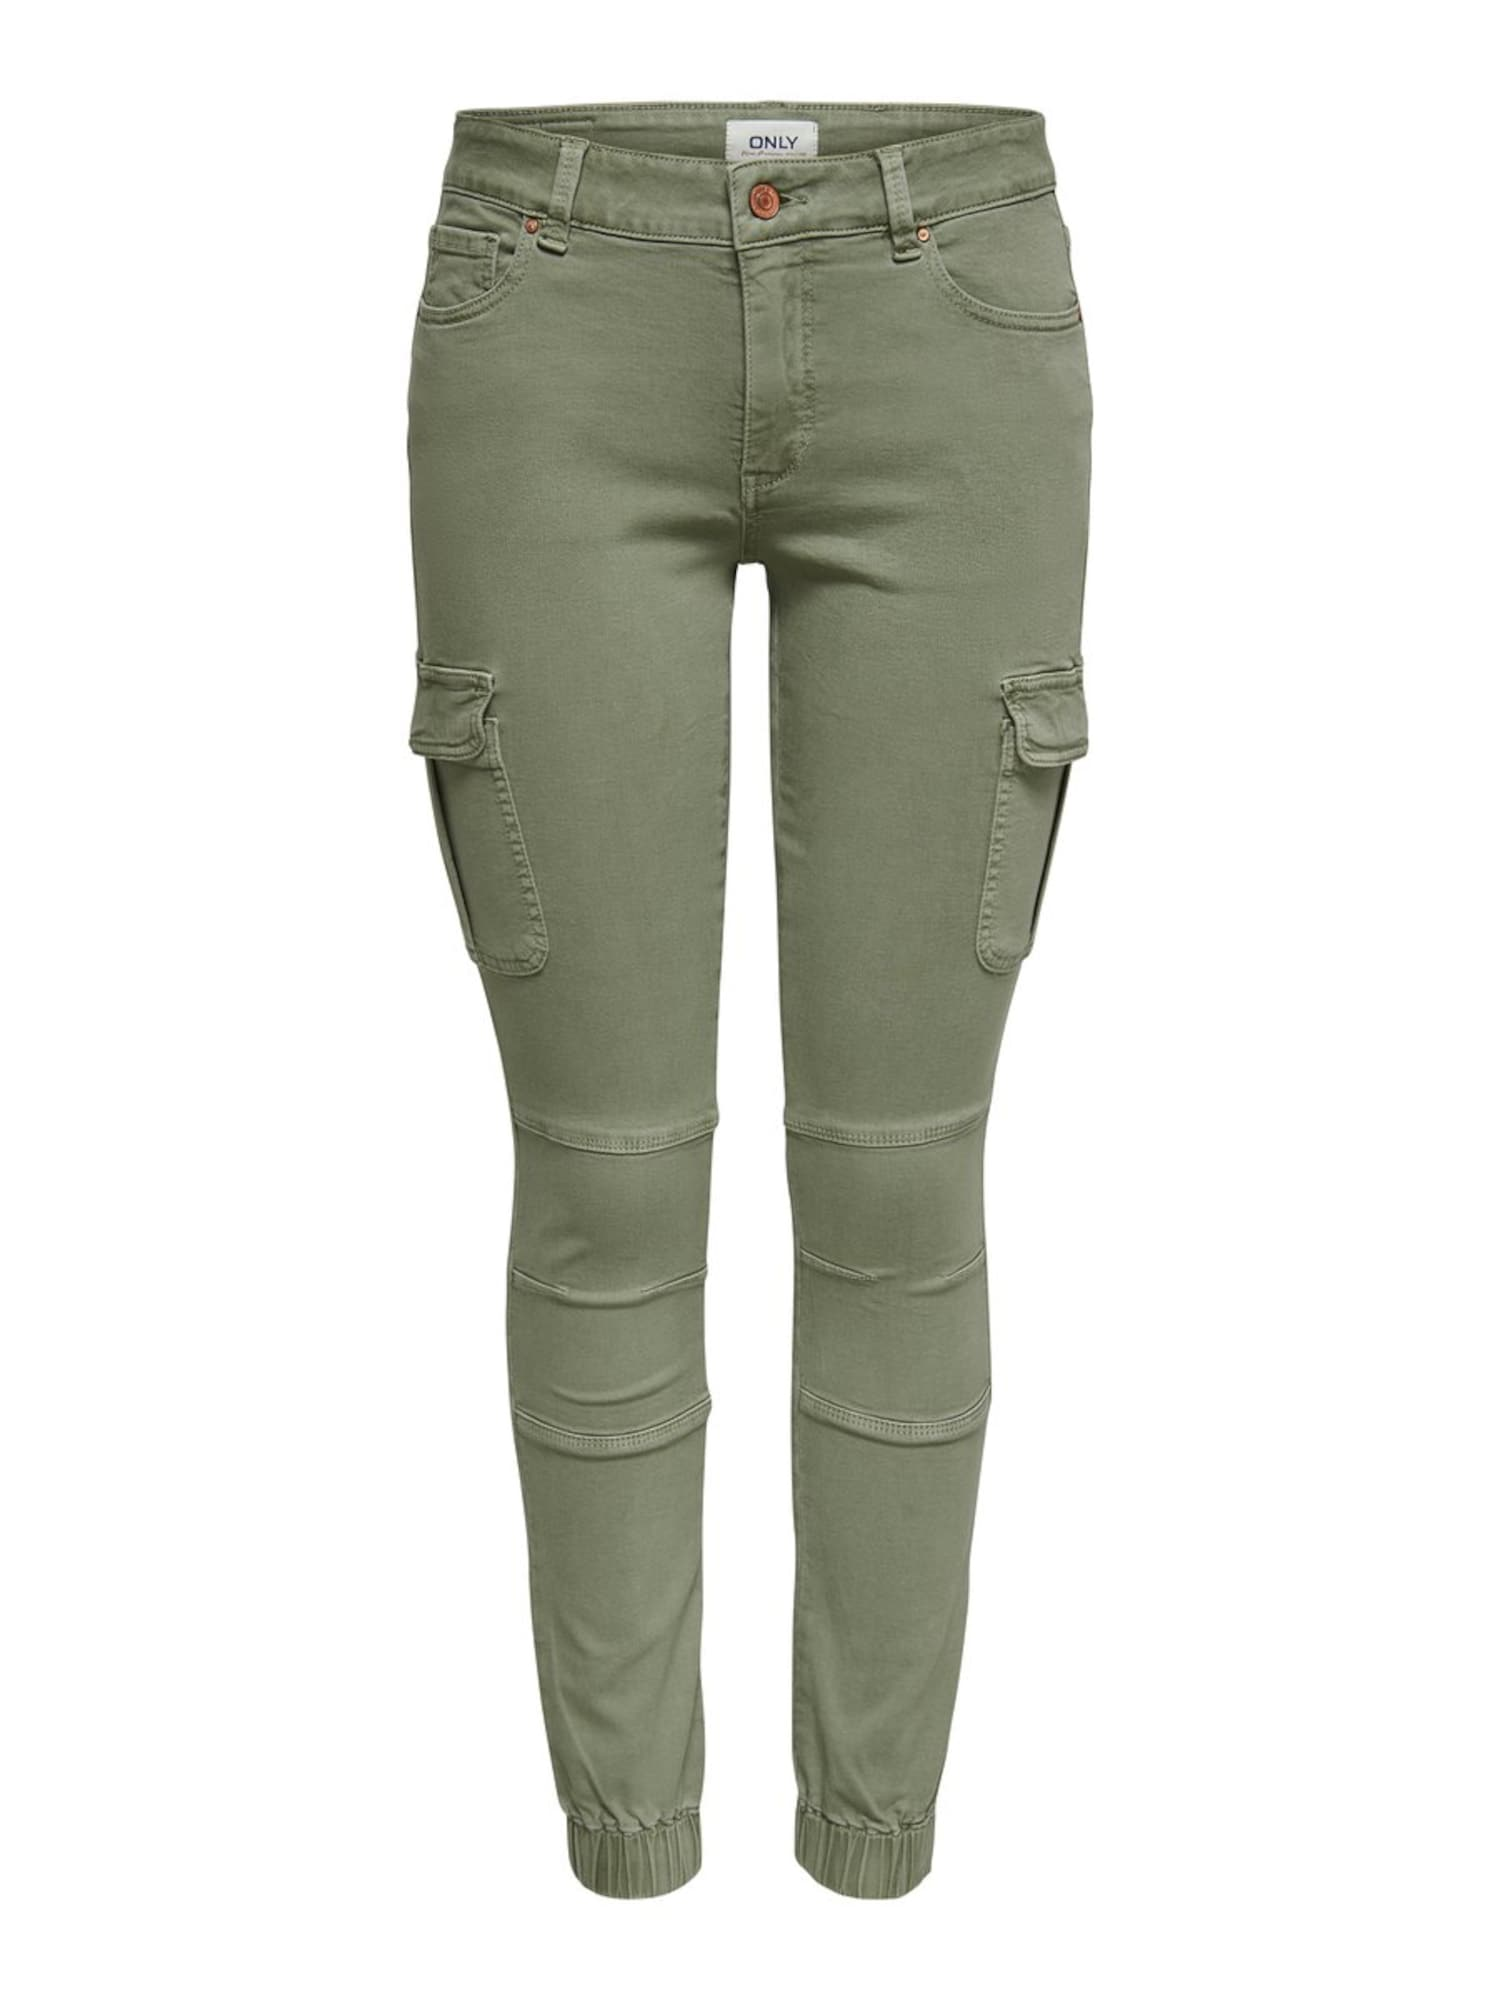 ONLY Darbinio stiliaus džinsai 'ONLMISSOURI' alyvuogių spalva